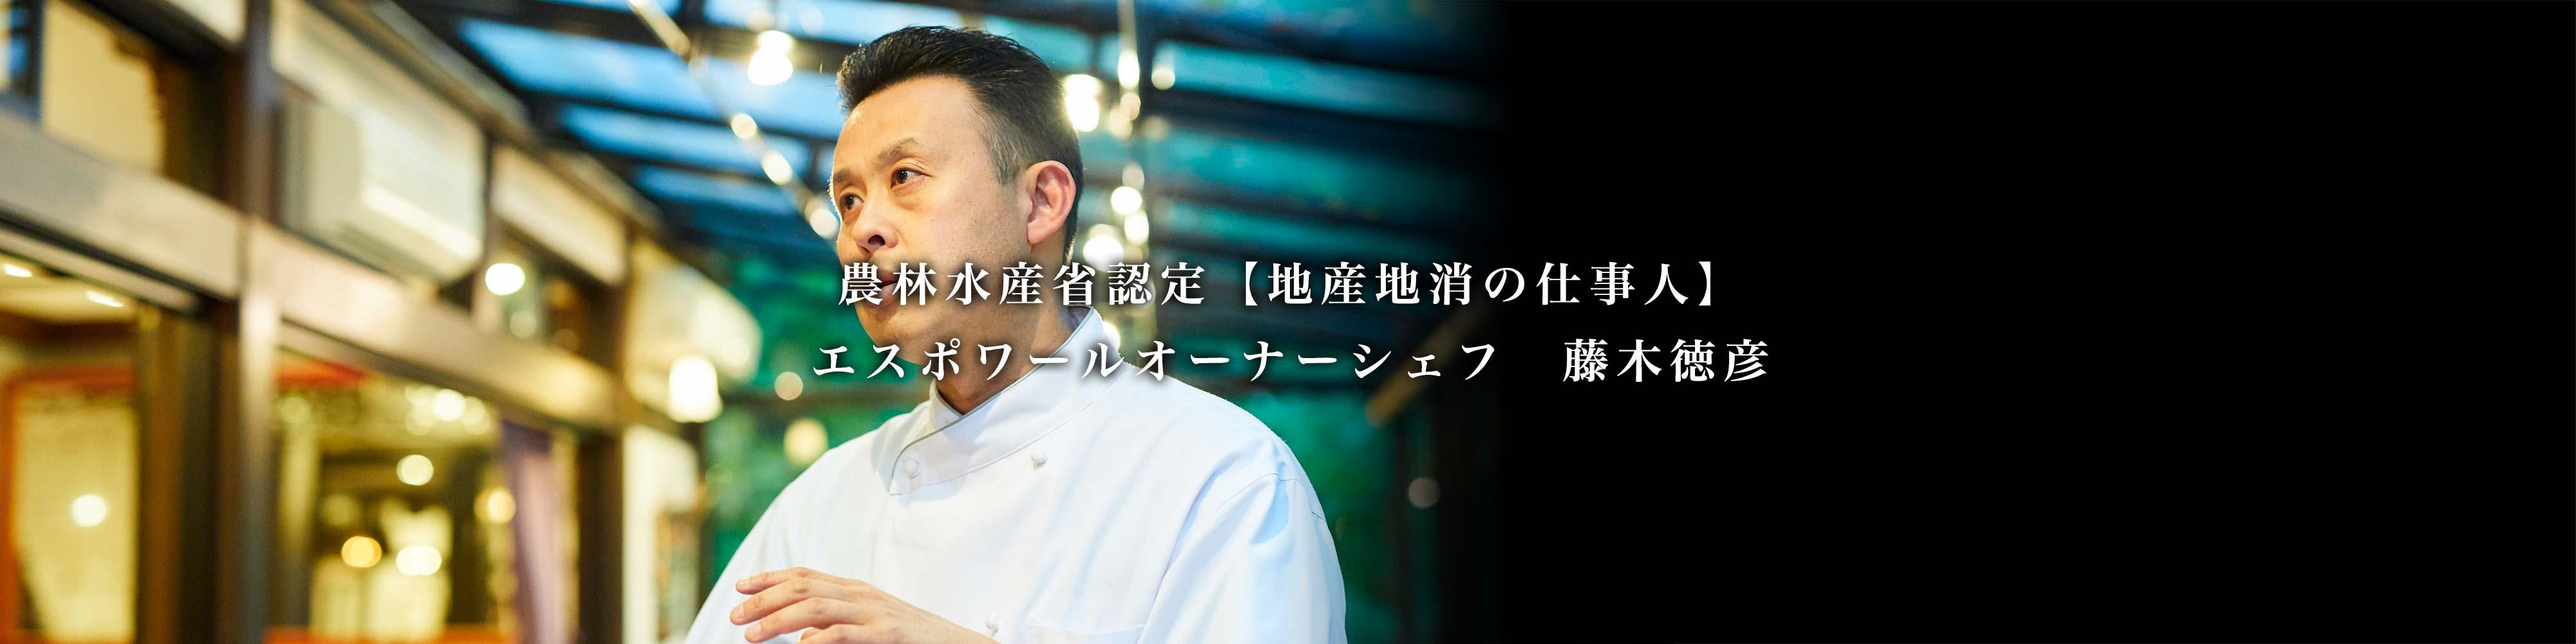 農林水産省認定「地産地消の仕事人」藤木徳彦